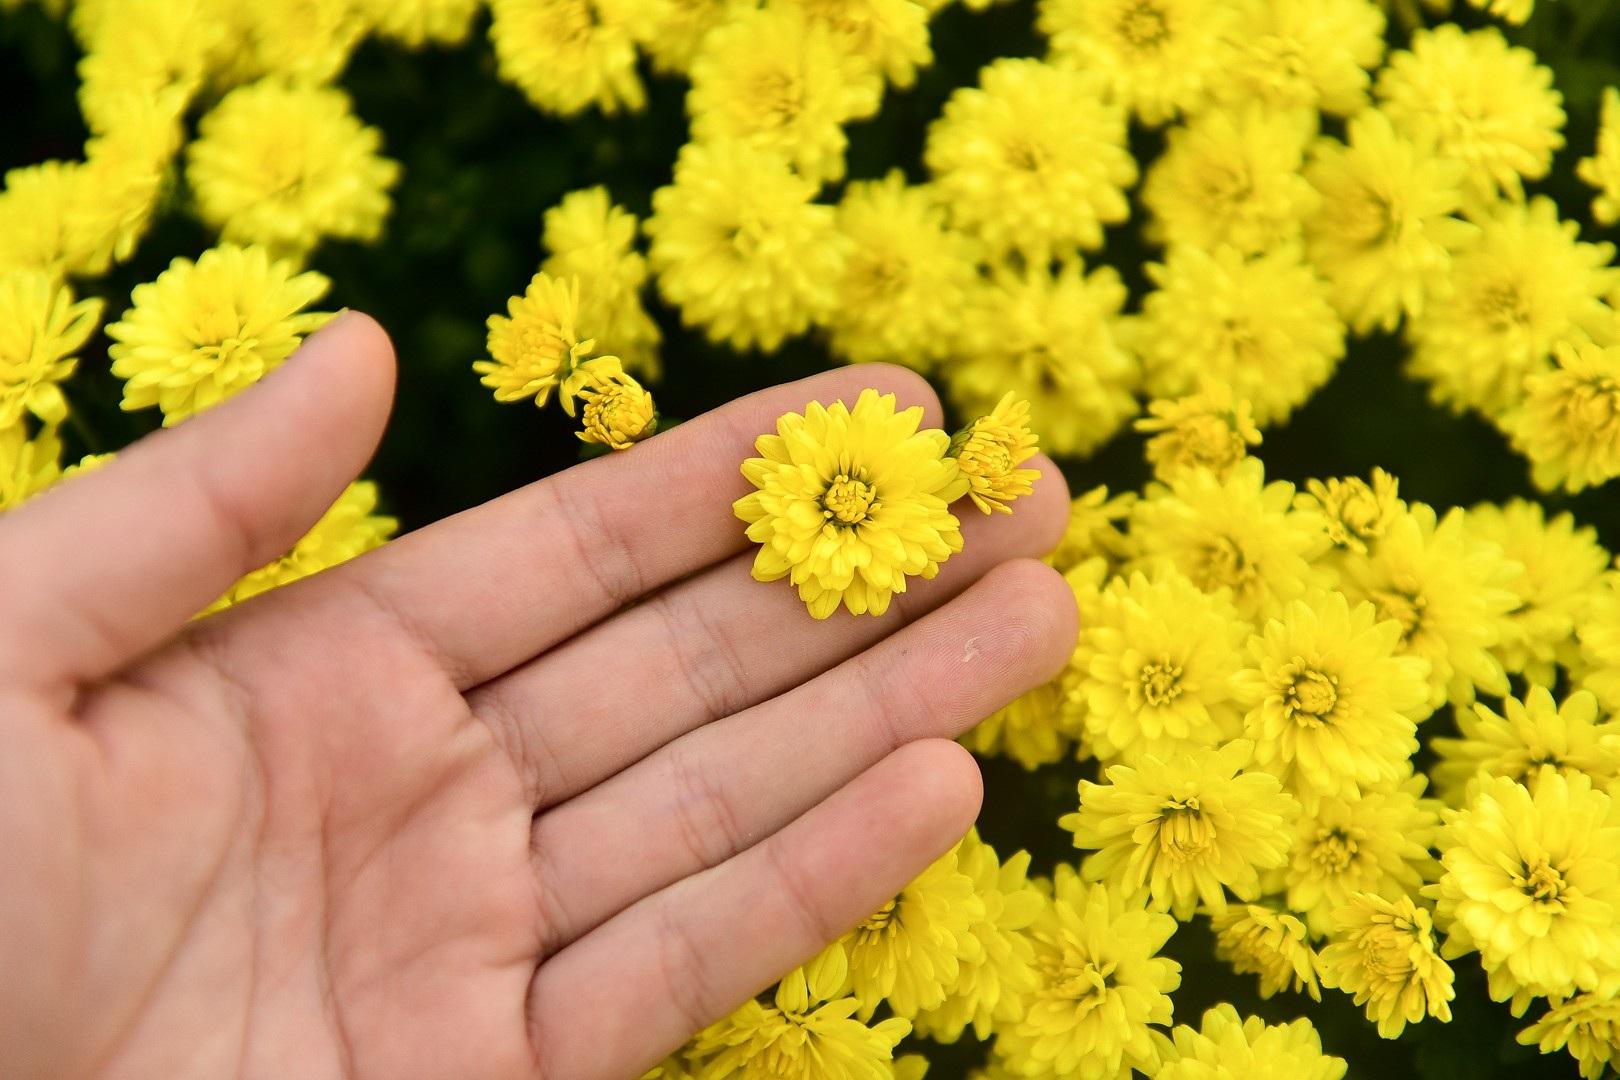 Phát sốt với vườn hoa cúc mâm xôi tuyệt đẹp ngay giữa Thủ đô - Ảnh 4.